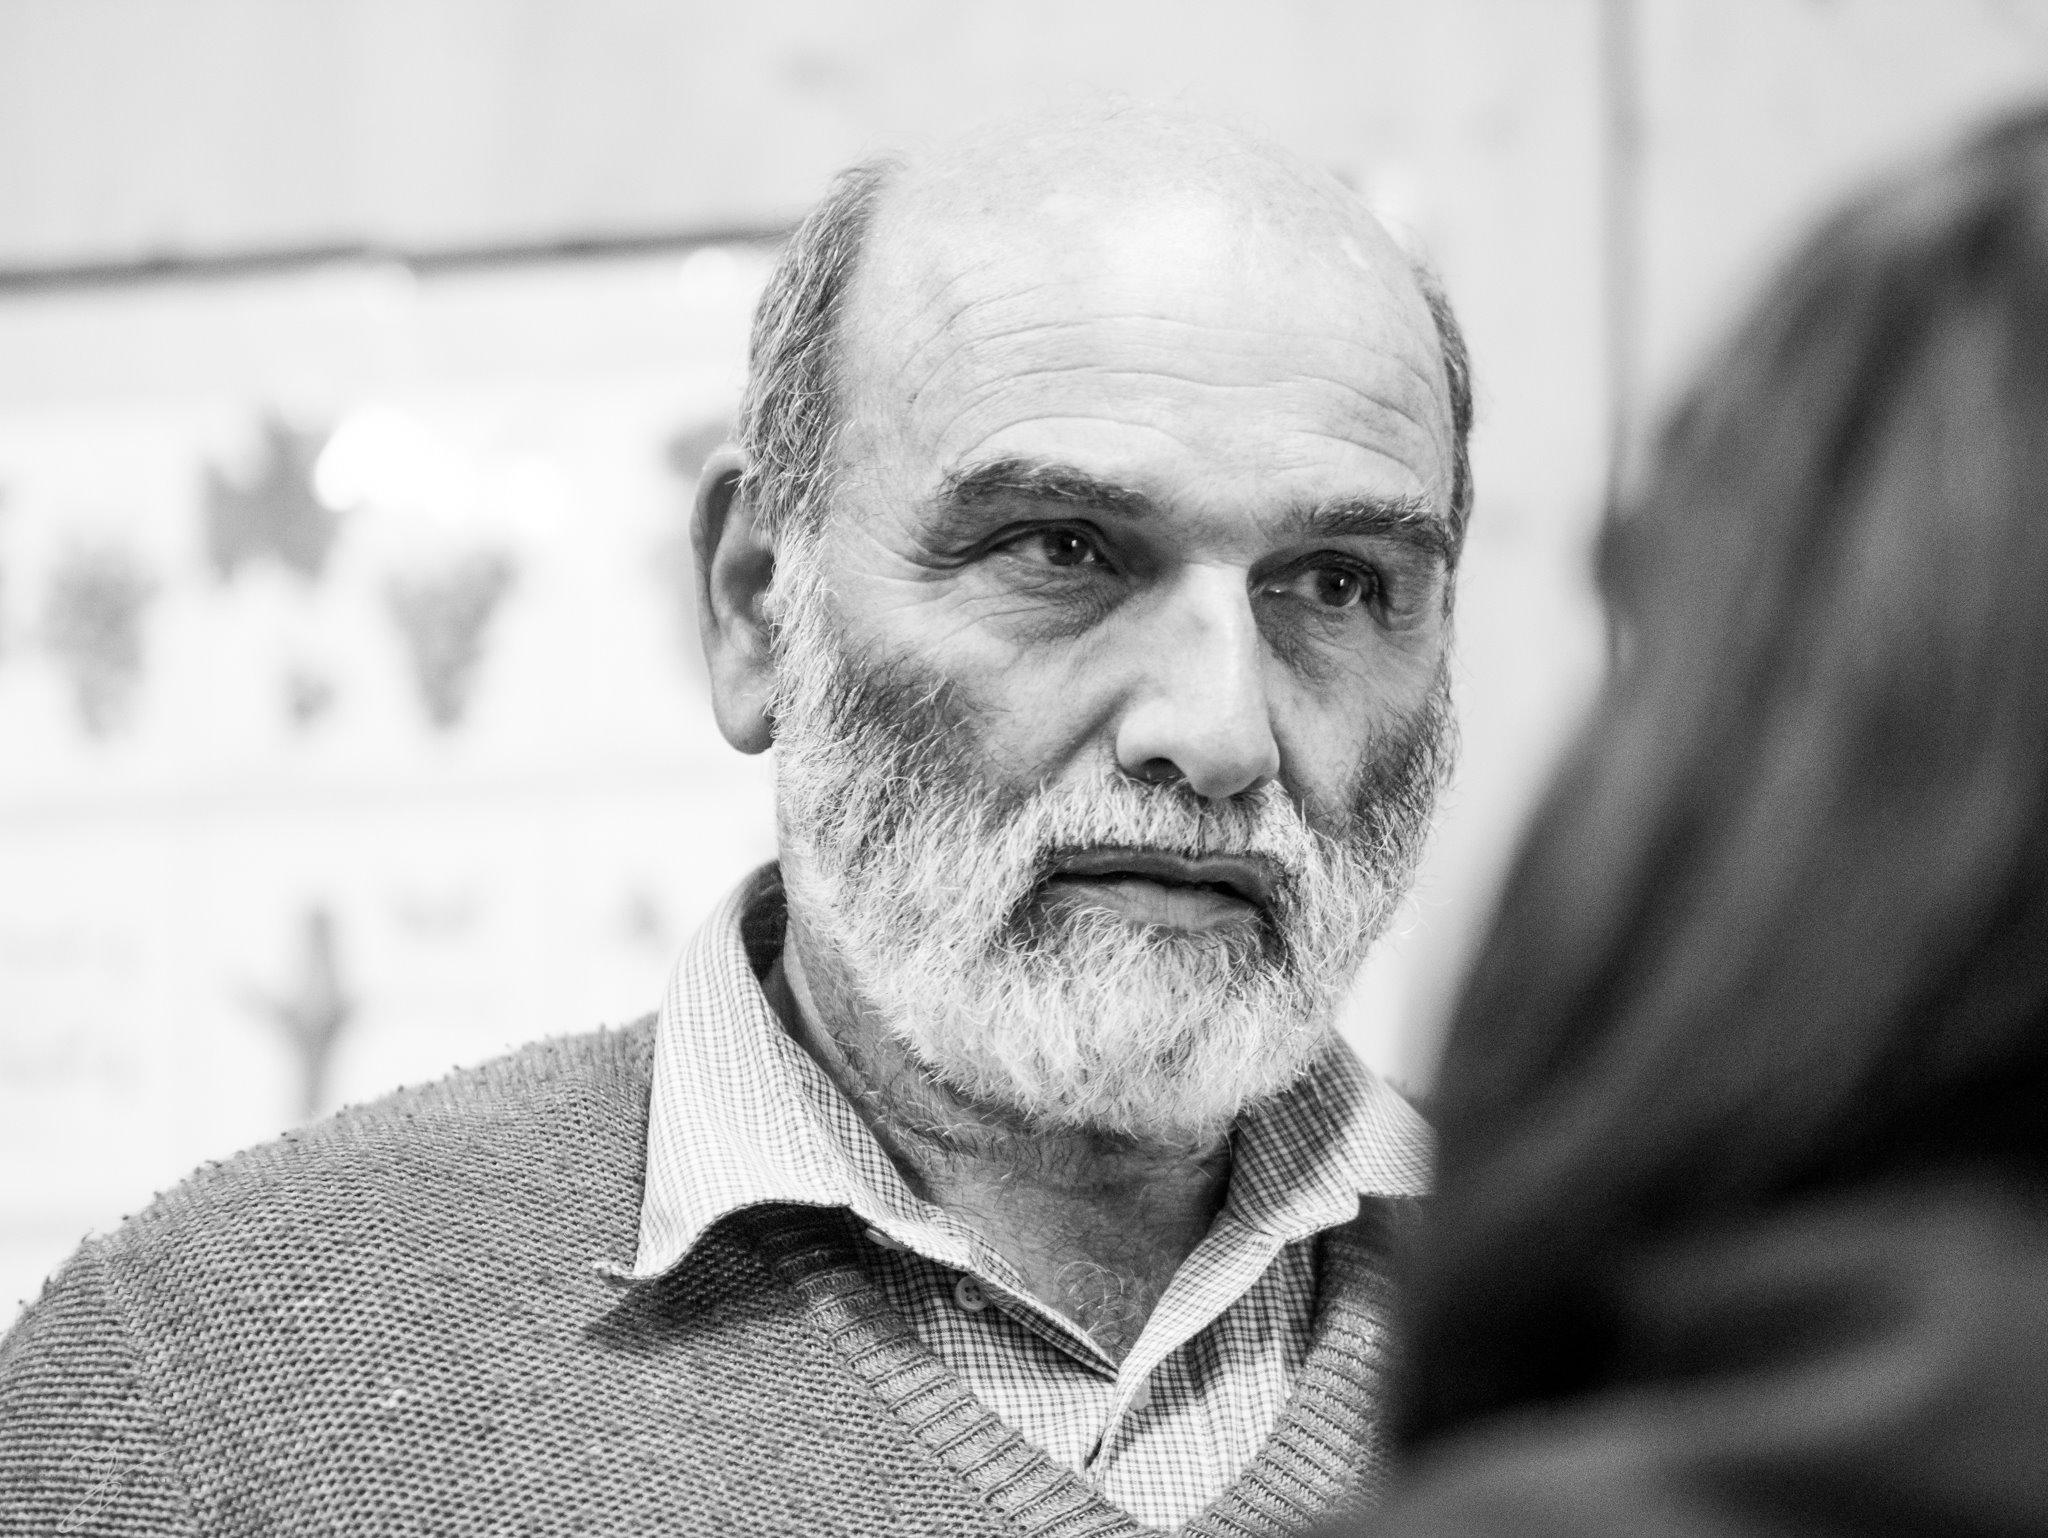 Olivier Zufferey